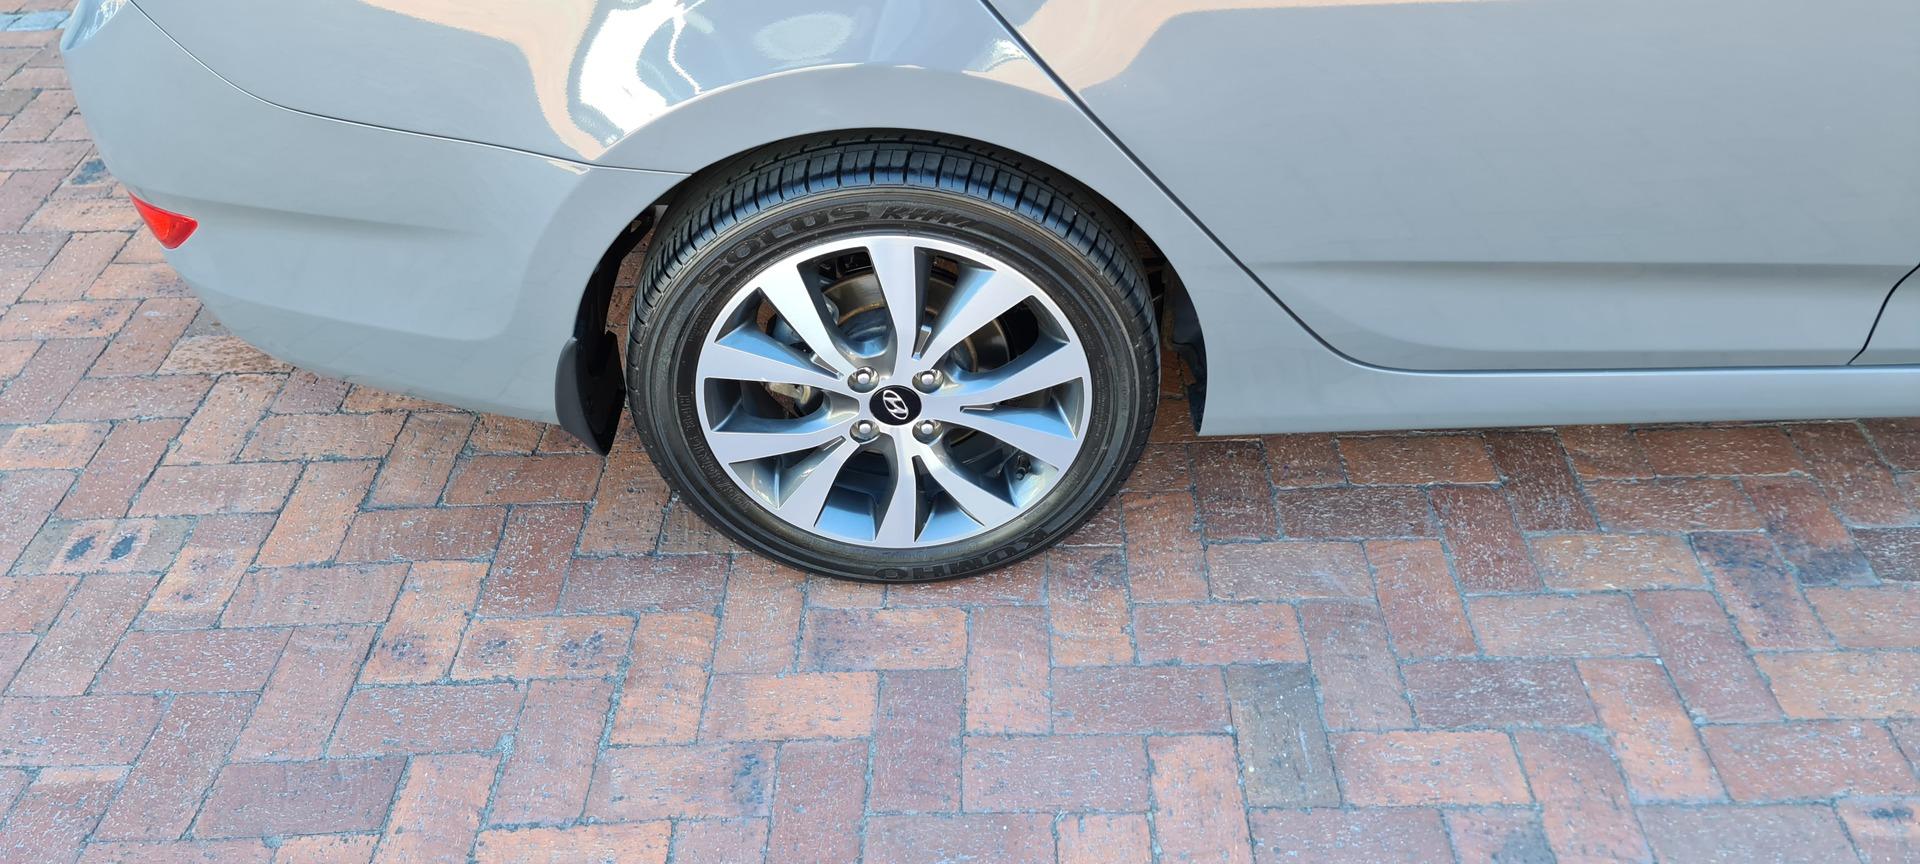 HYUNDAI 1.6 GLS/FLUID Cape Town 2326174